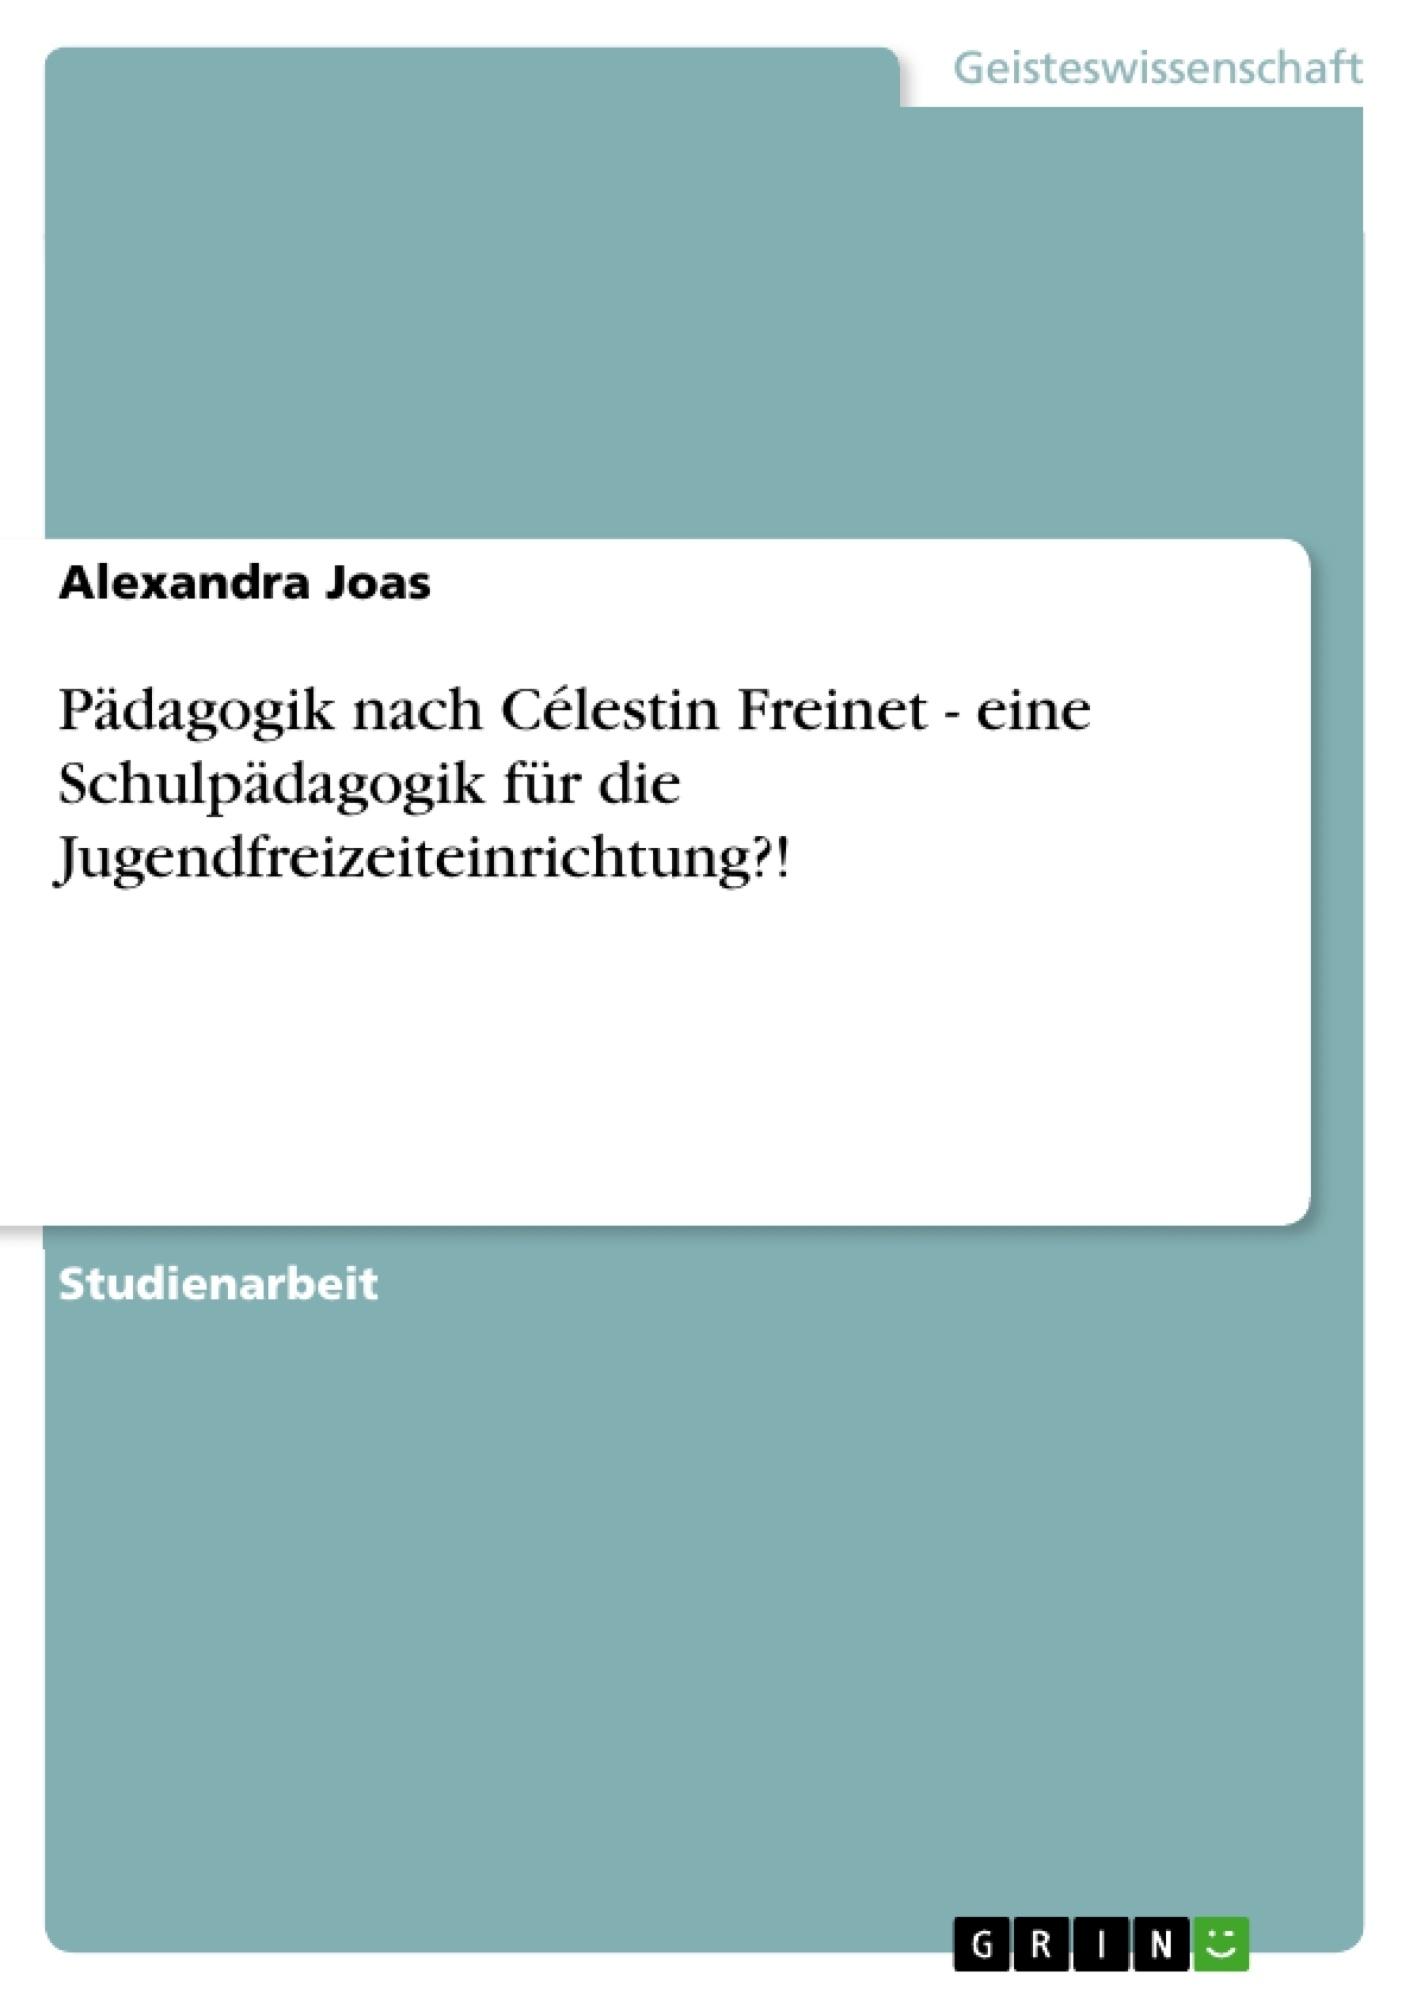 Titel: Pädagogik nach Célestin Freinet - eine Schulpädagogik für die Jugendfreizeiteinrichtung?!